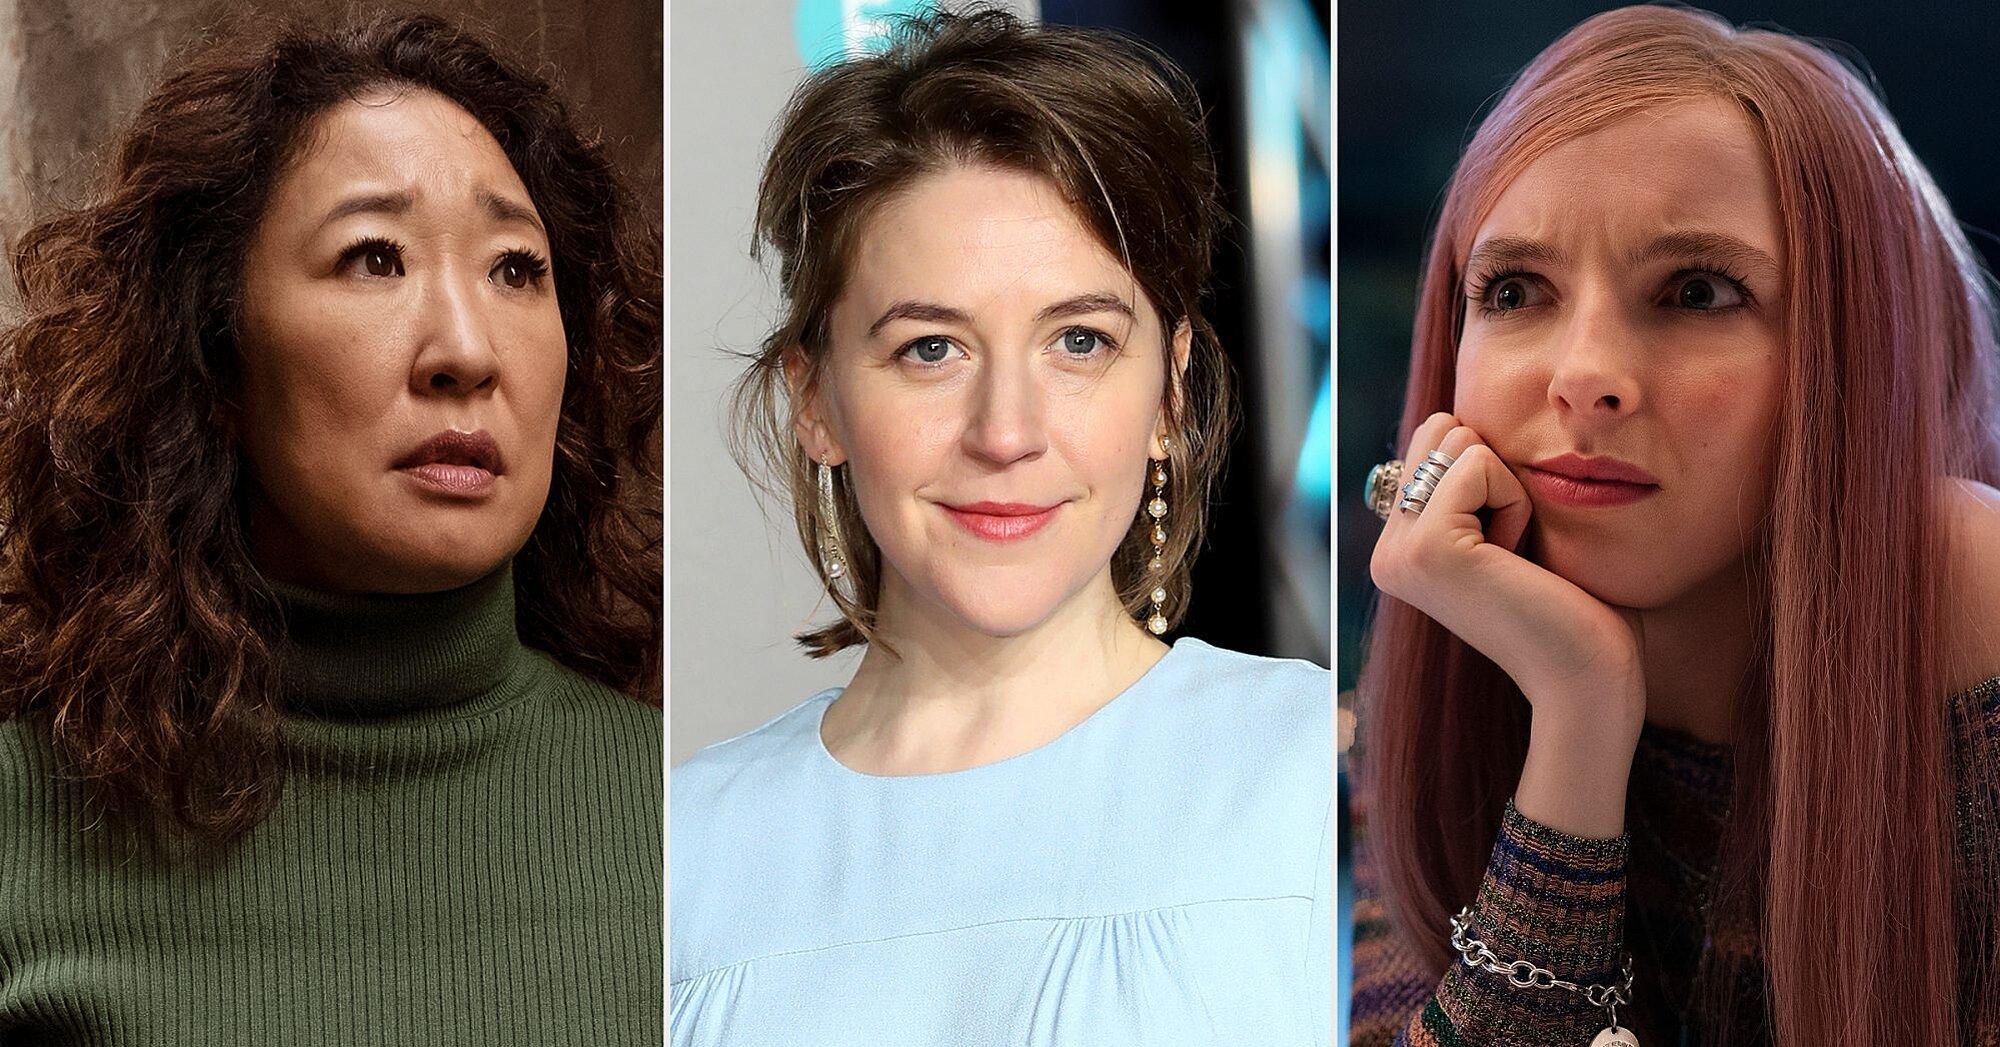 Killing Eve Season 3 Cast members